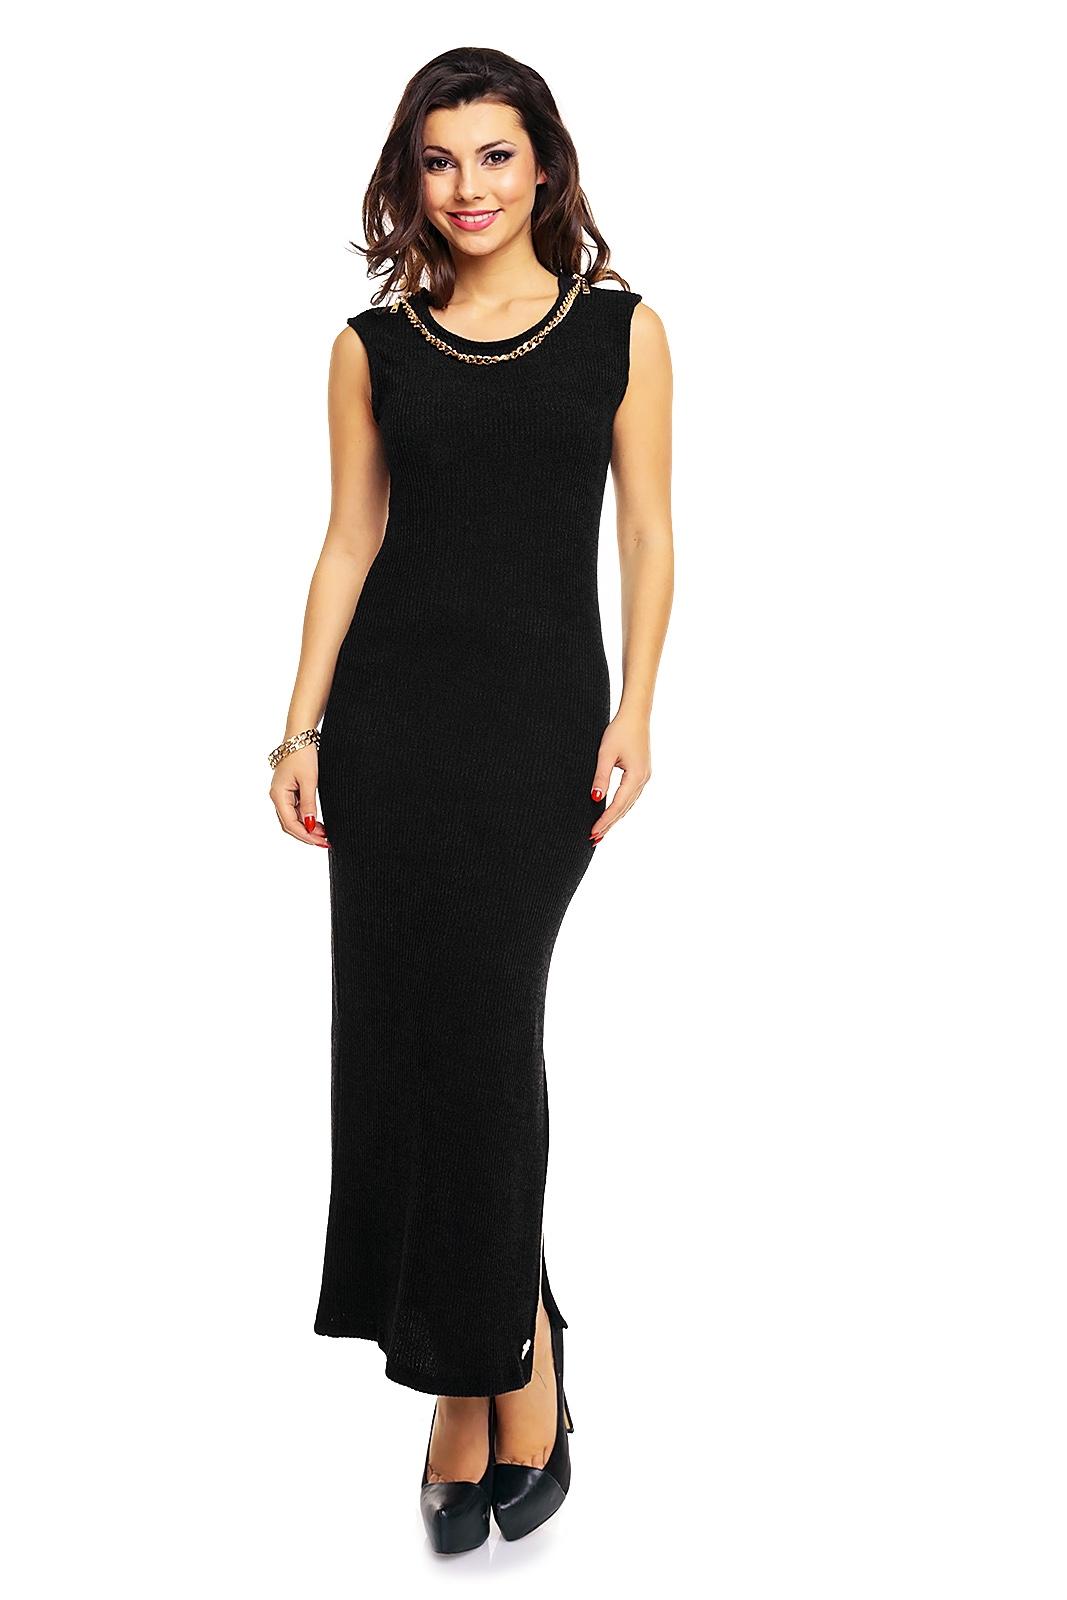 Úpletové dámské maxi šaty Emma Ashley 2500 černá (Dámské šaty)